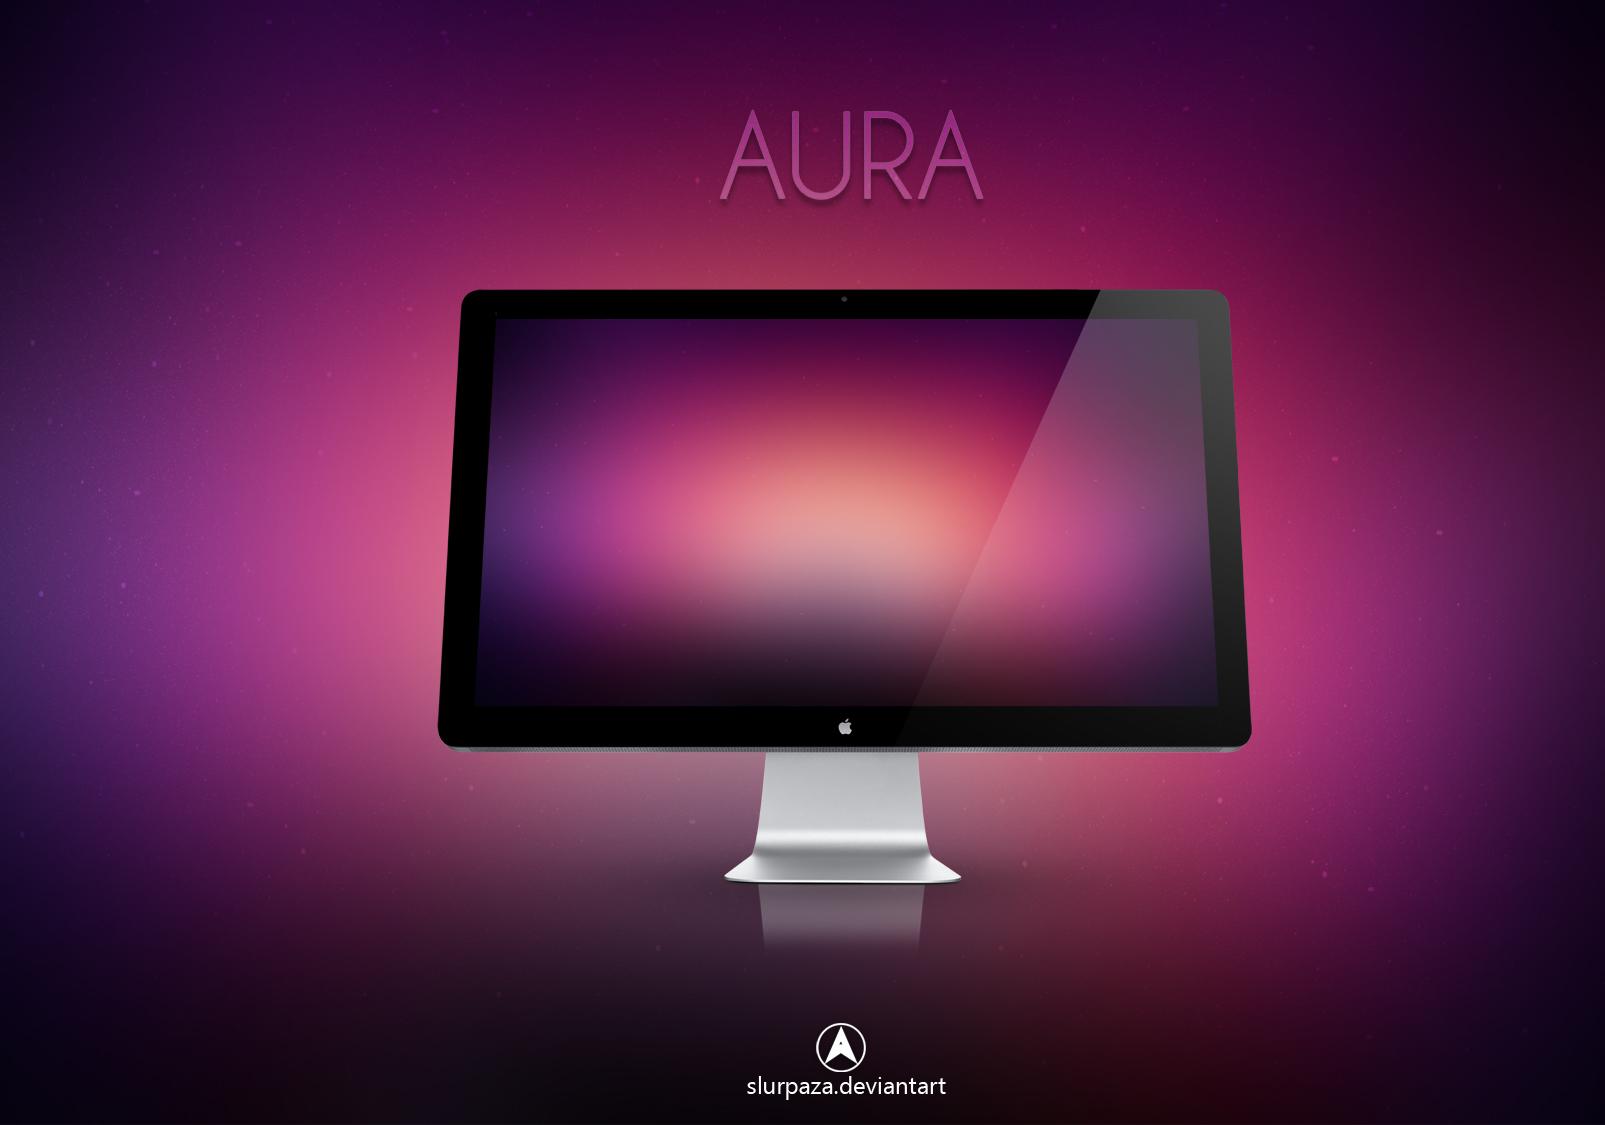 Aura by Slurpaza